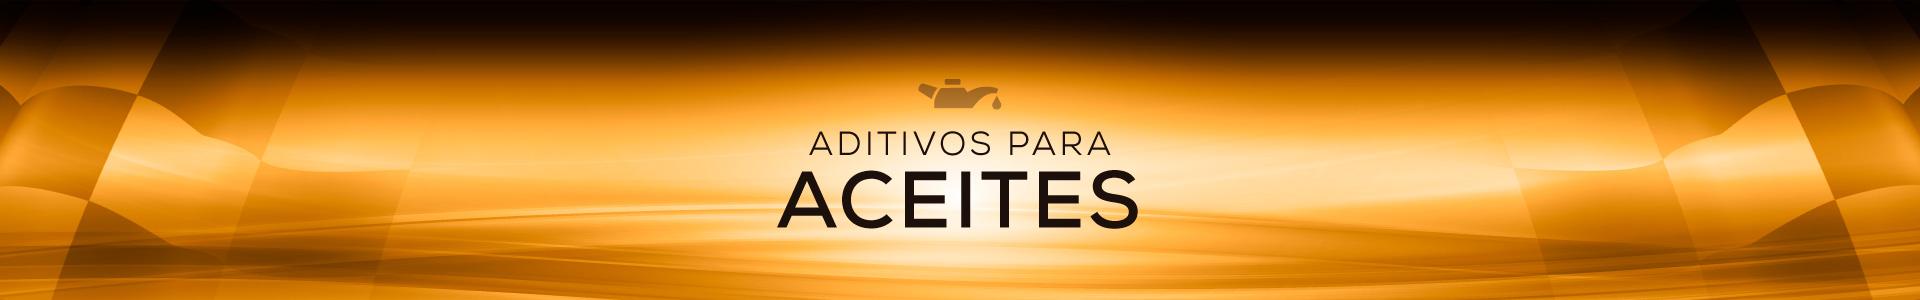 aditivos_para_aceites-1920x300